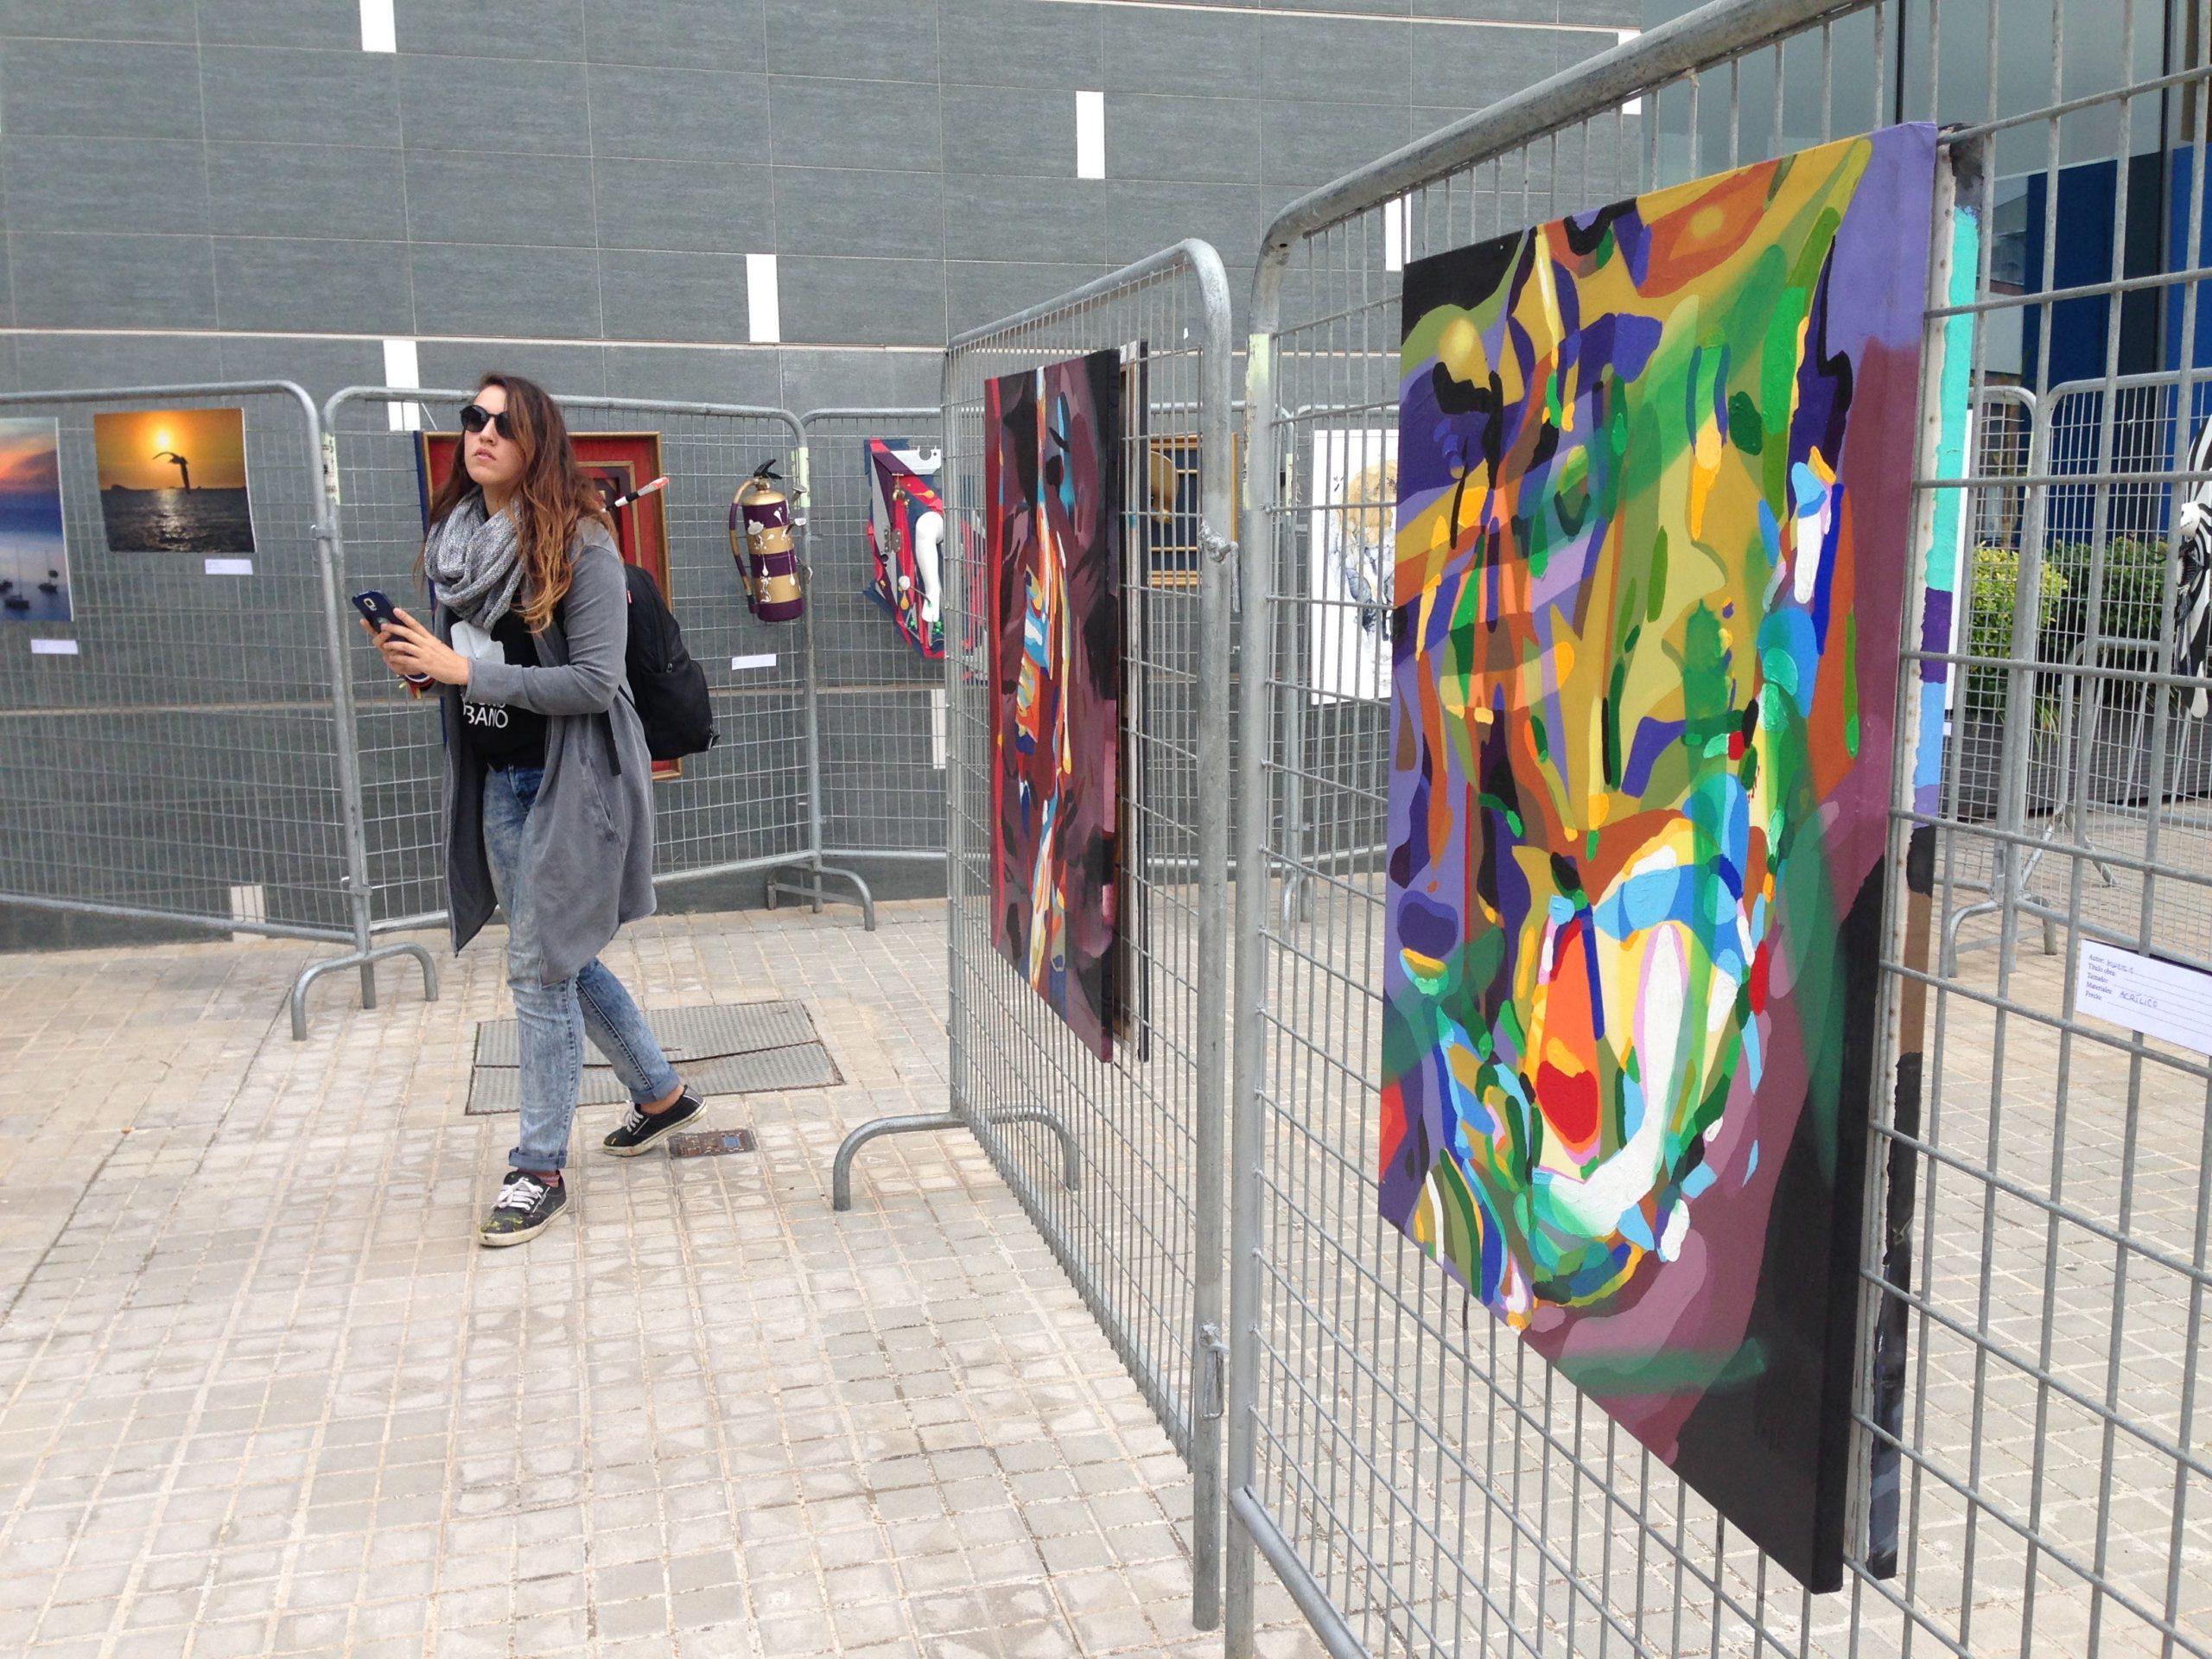 exhibition al carrer contorno urbano, street art graffiti clarafosca